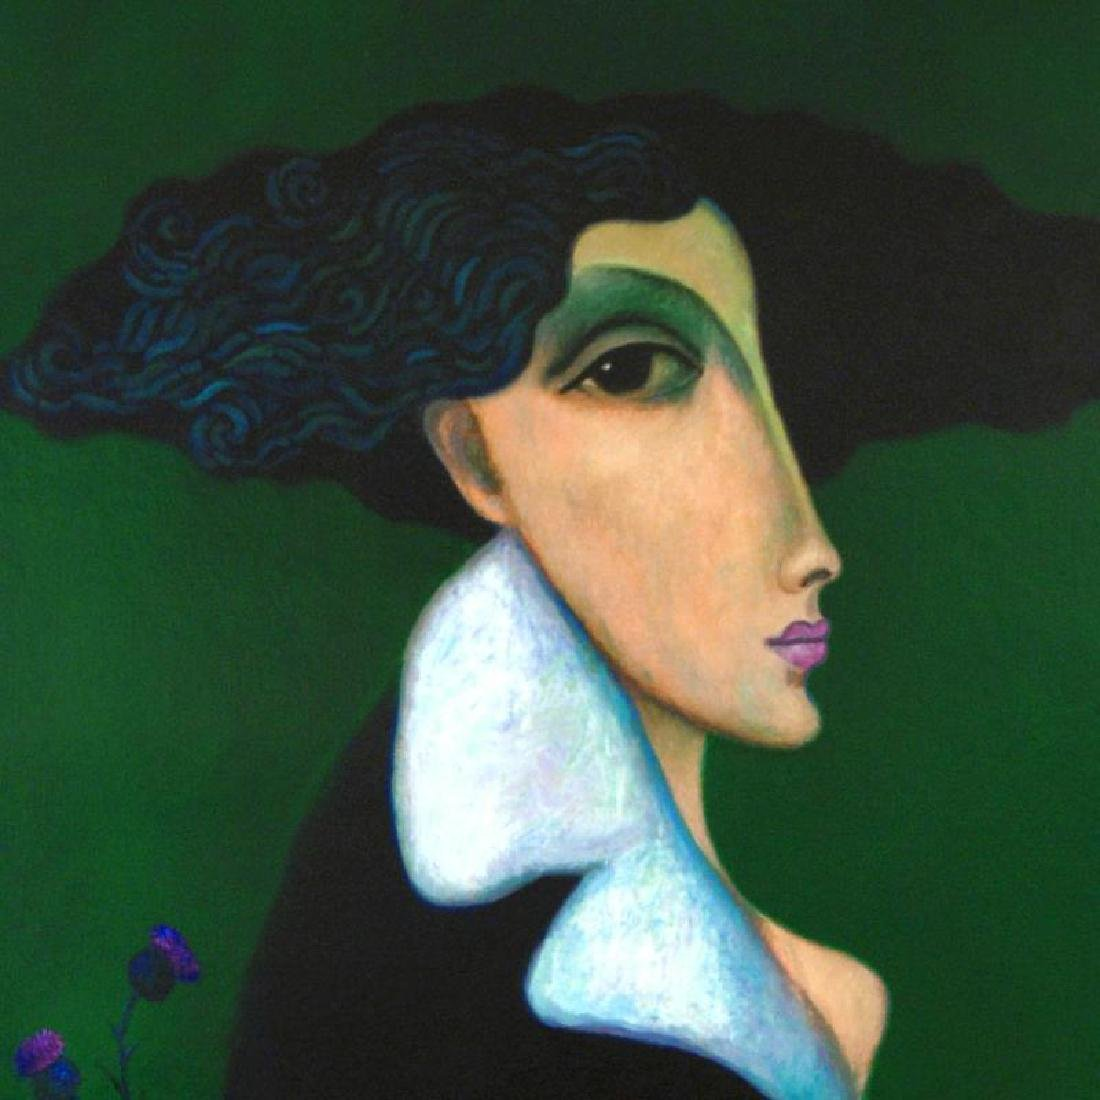 Anna Pavlova by Smirnov (1953-2006) - 2